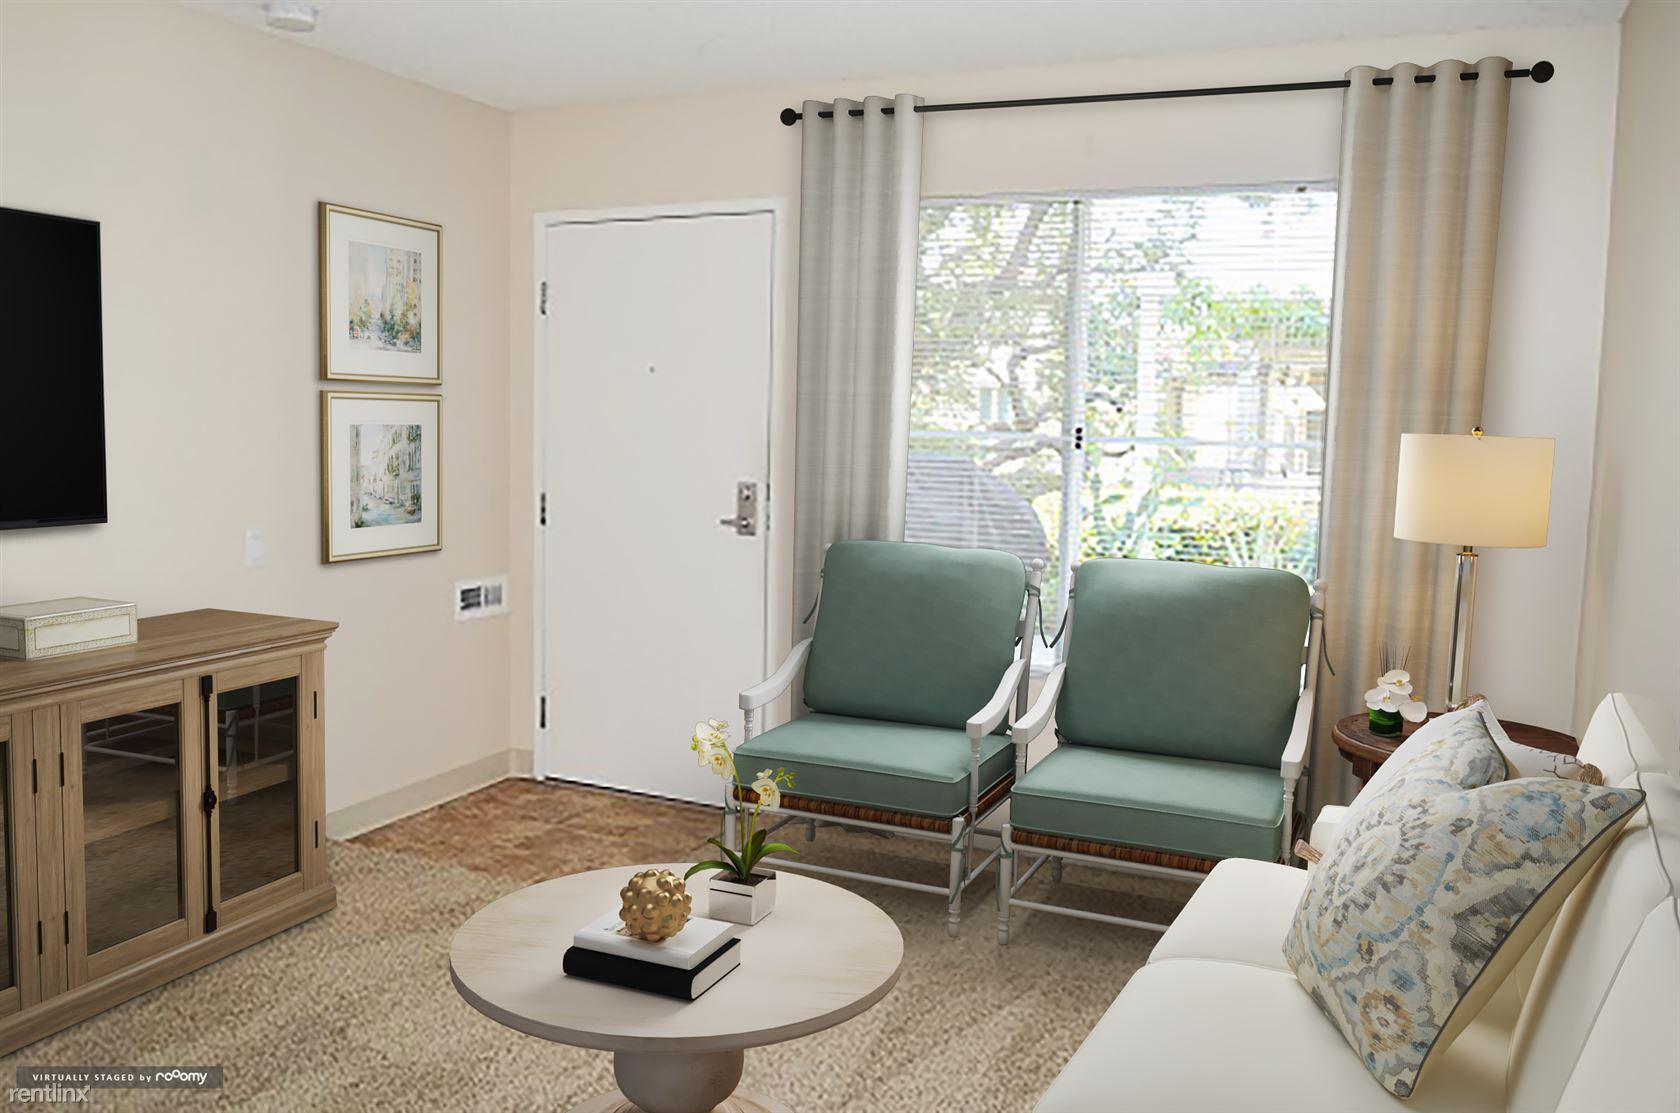 1000 S Glendora Ave, Glendora, CA - $1,400